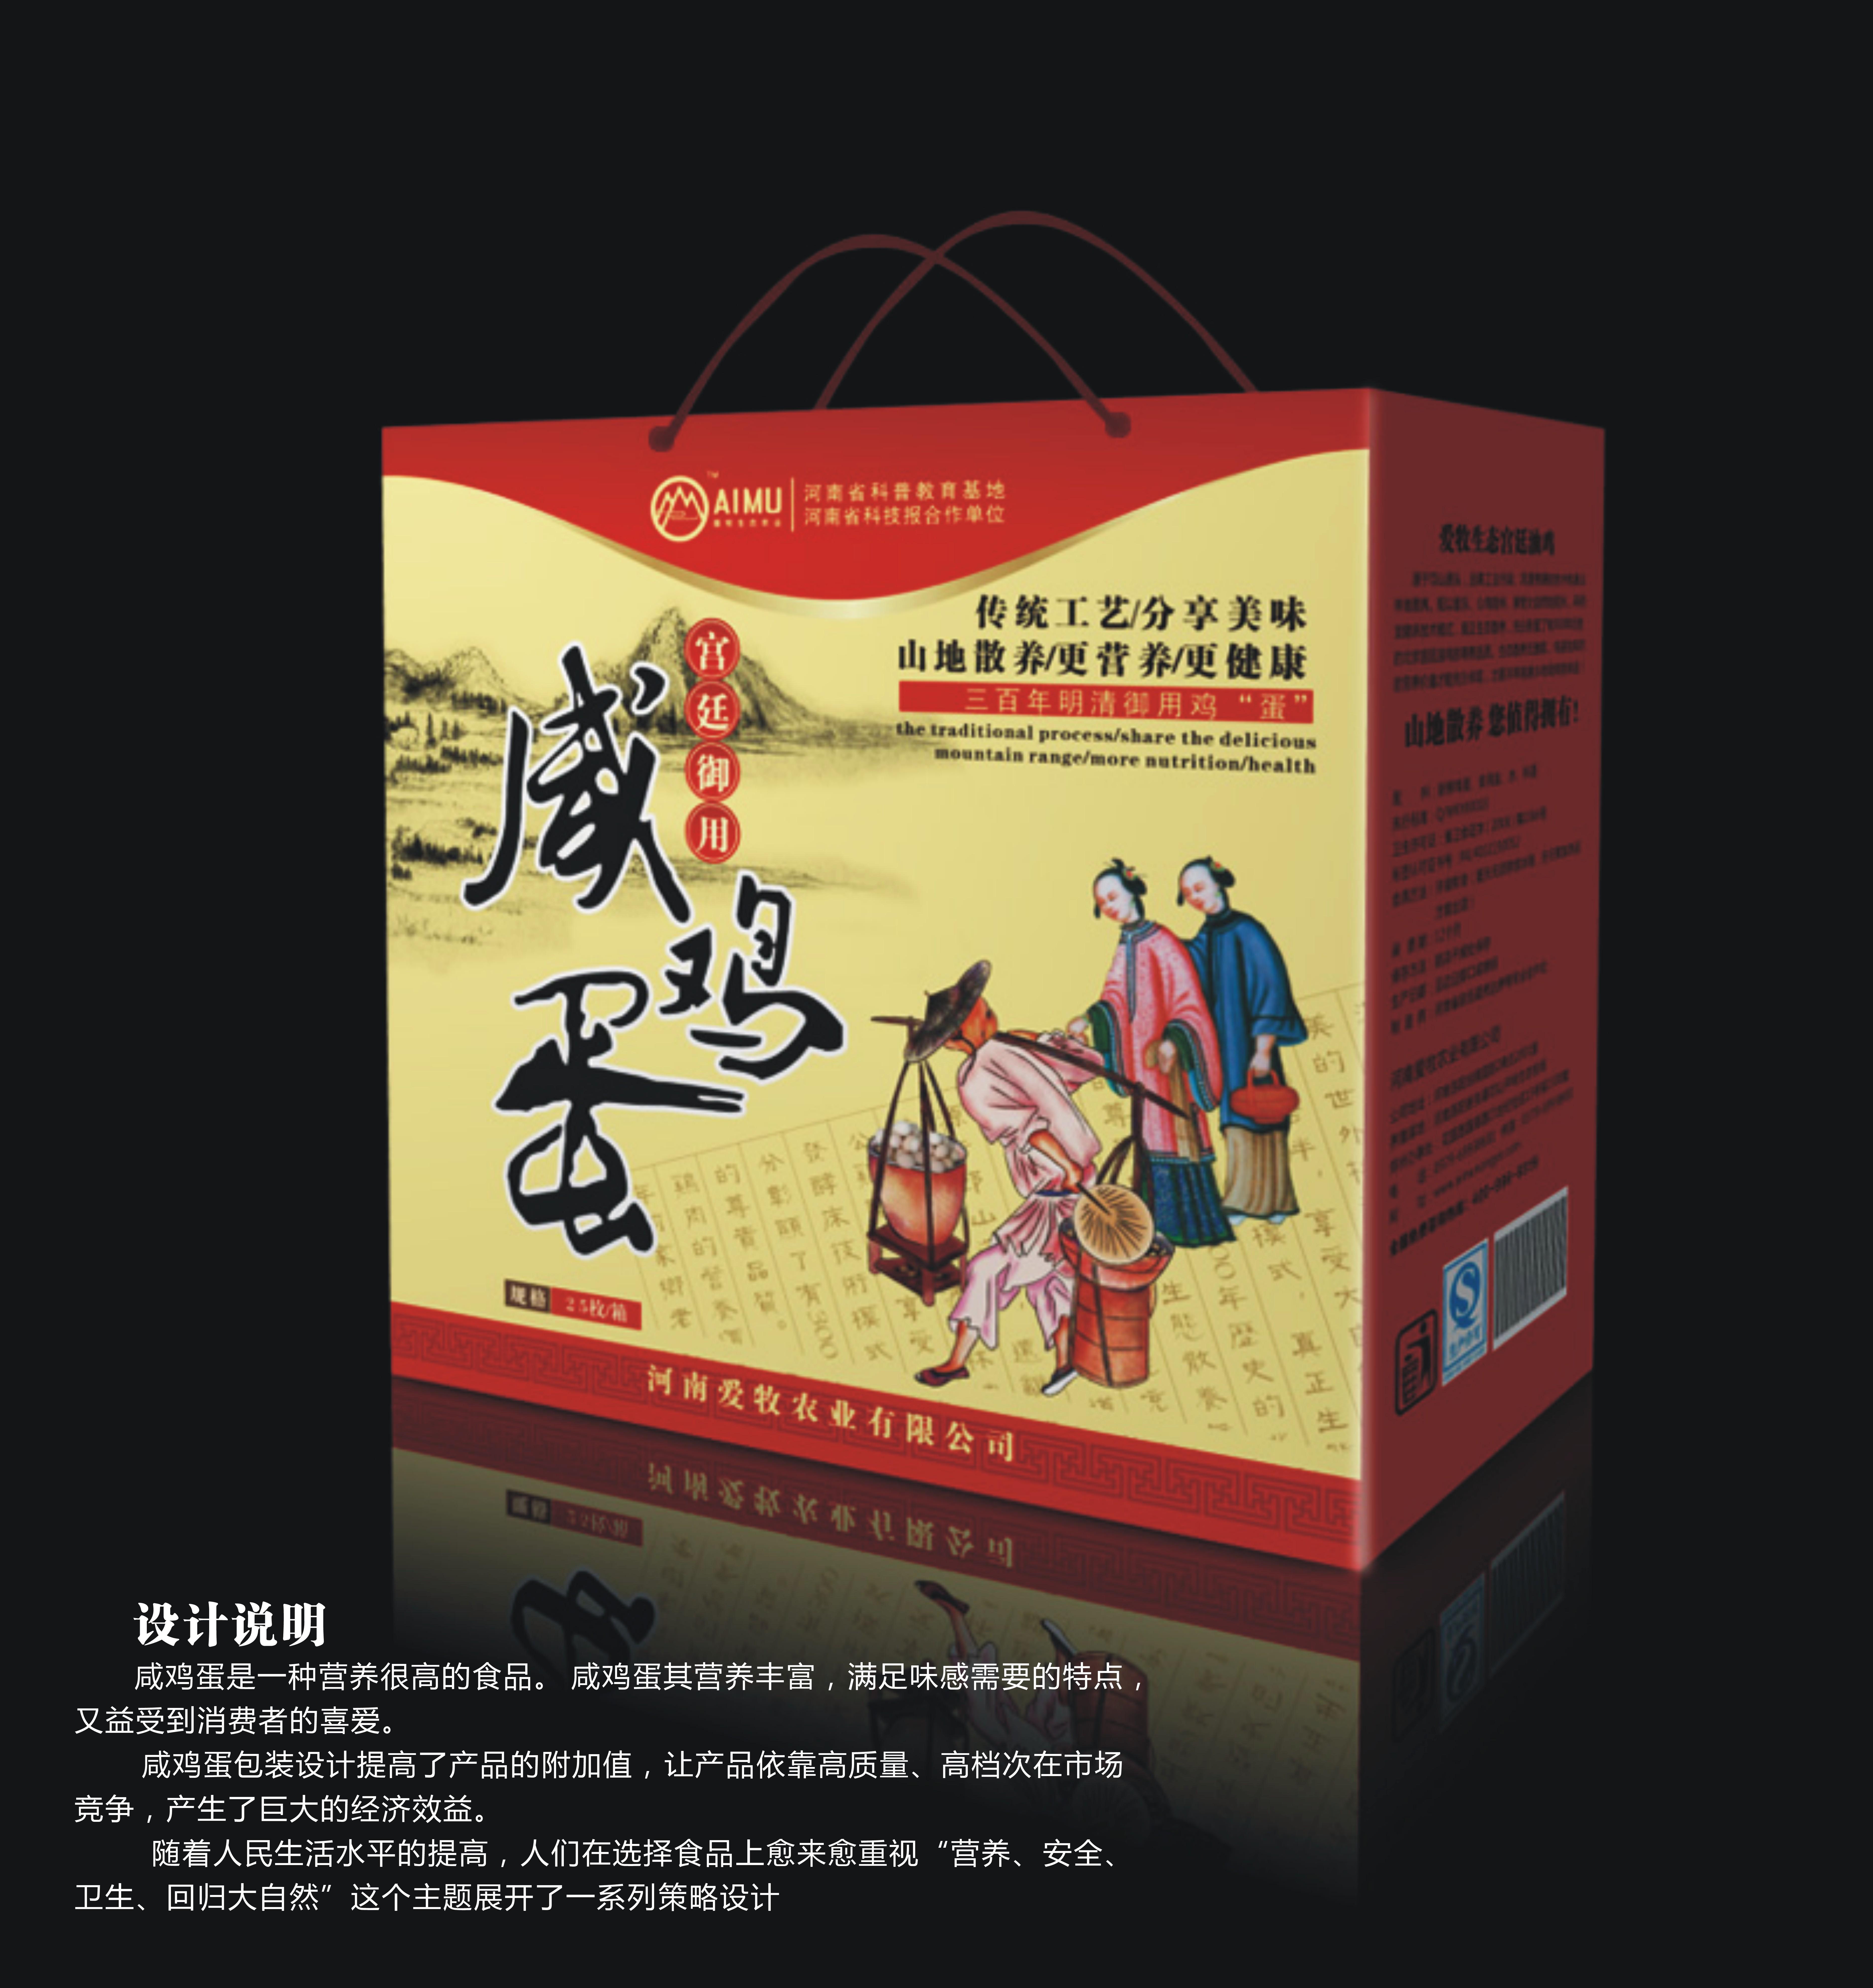 郑州包装设计图片/郑州包装设计样板图 (4)